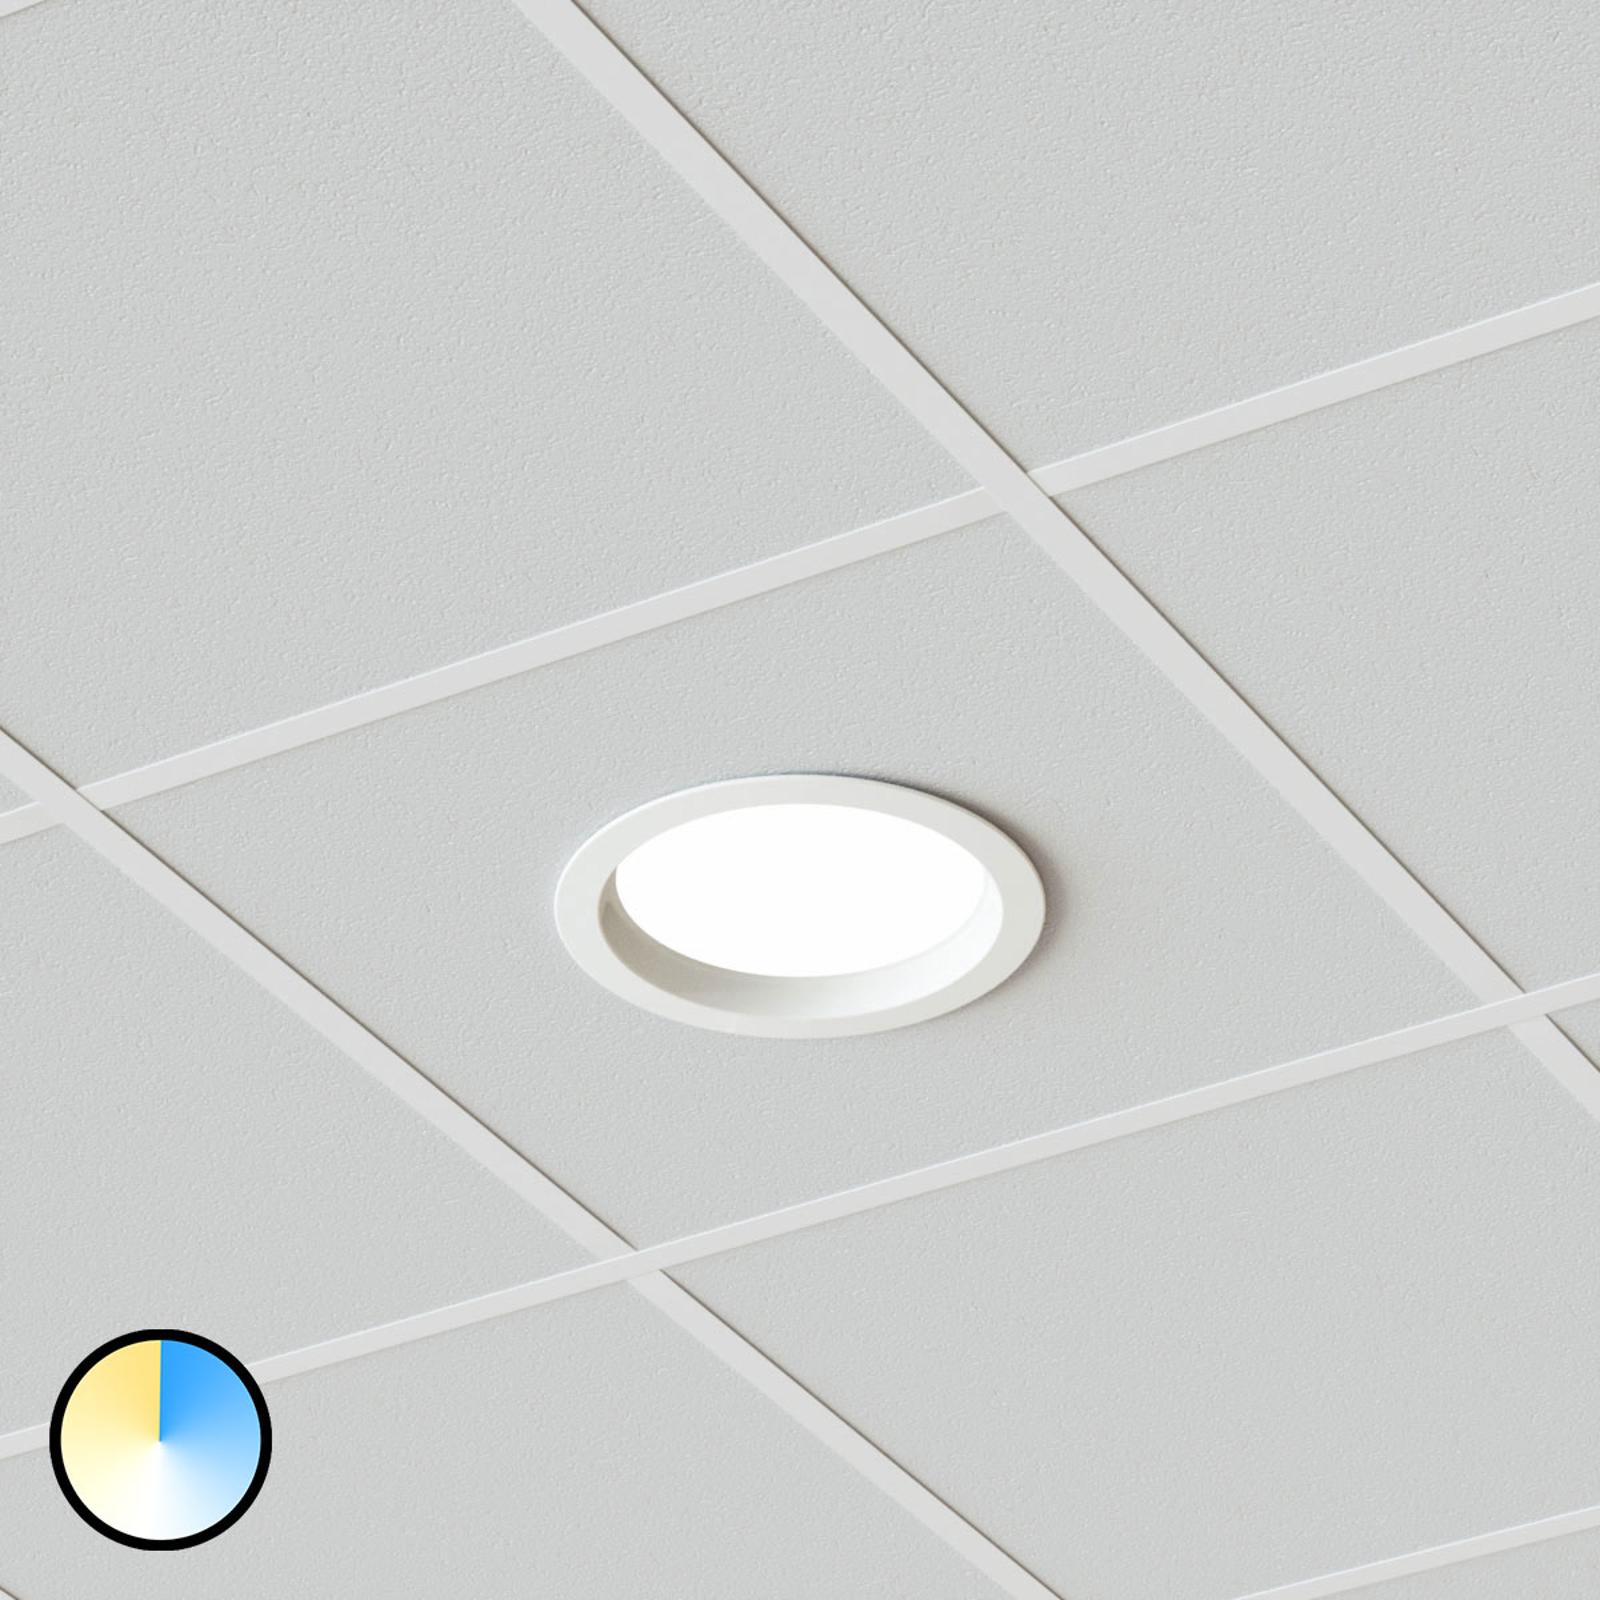 Downlight LED Piet, 36 W 3 couleurs de lumière